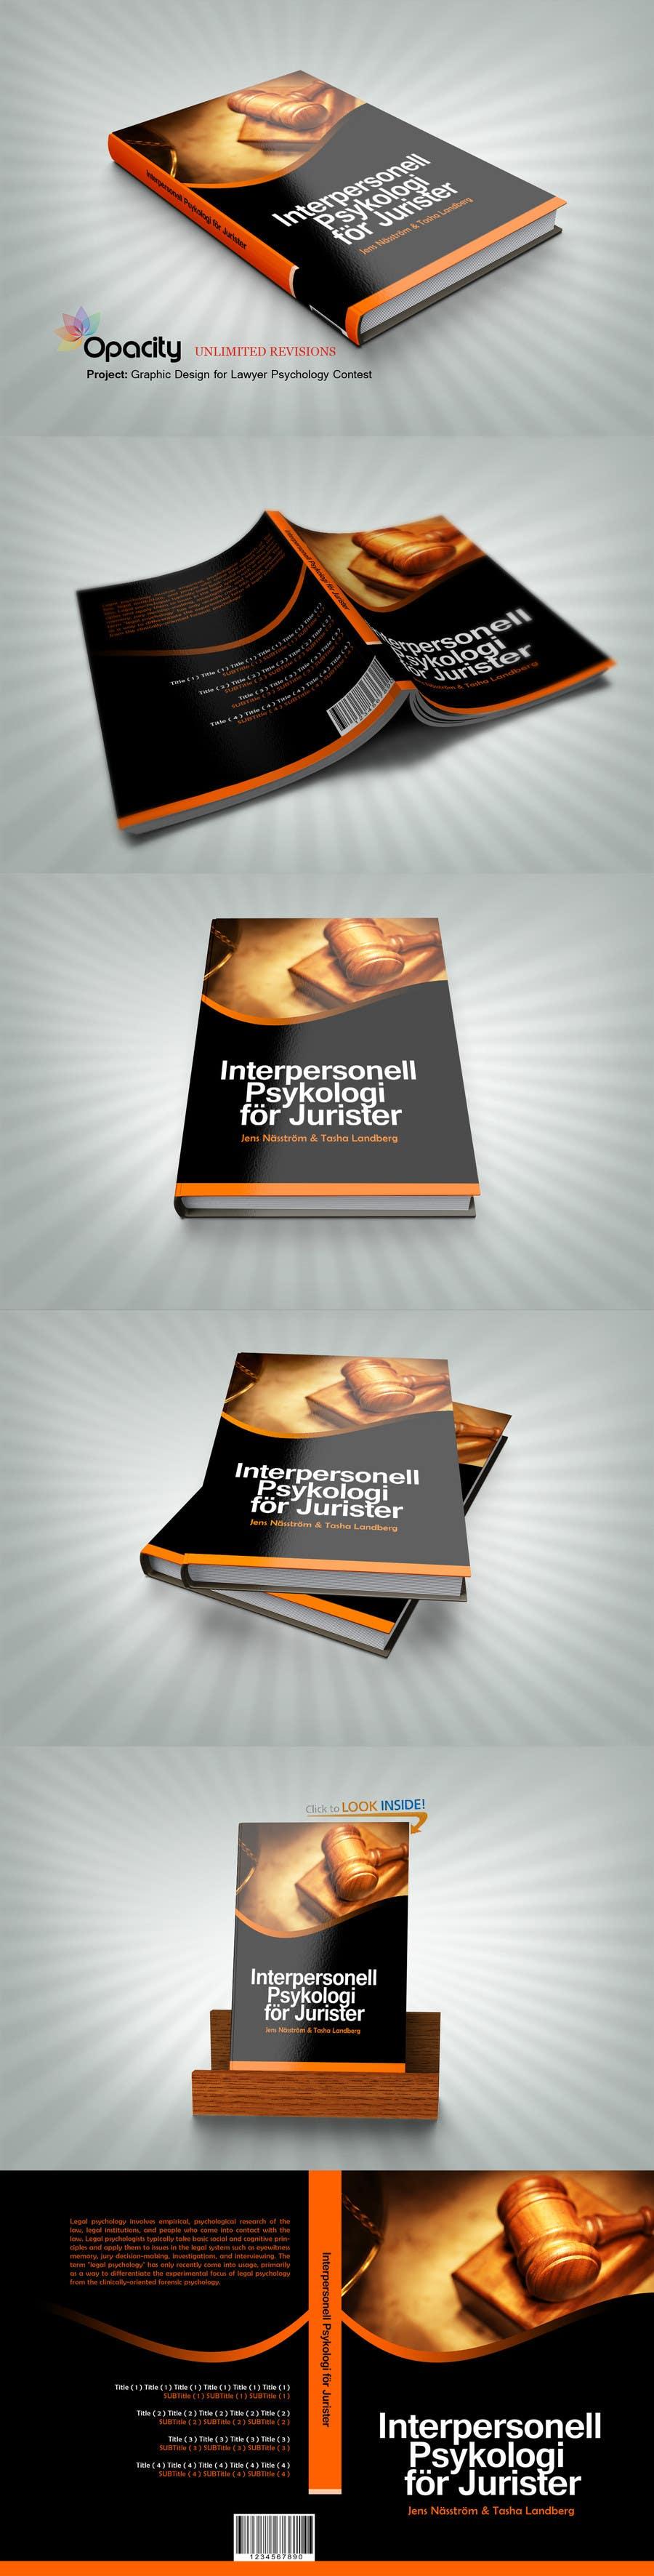 Konkurrenceindlæg #                                        9                                      for                                         Graphic Design for Lawyer Psychology